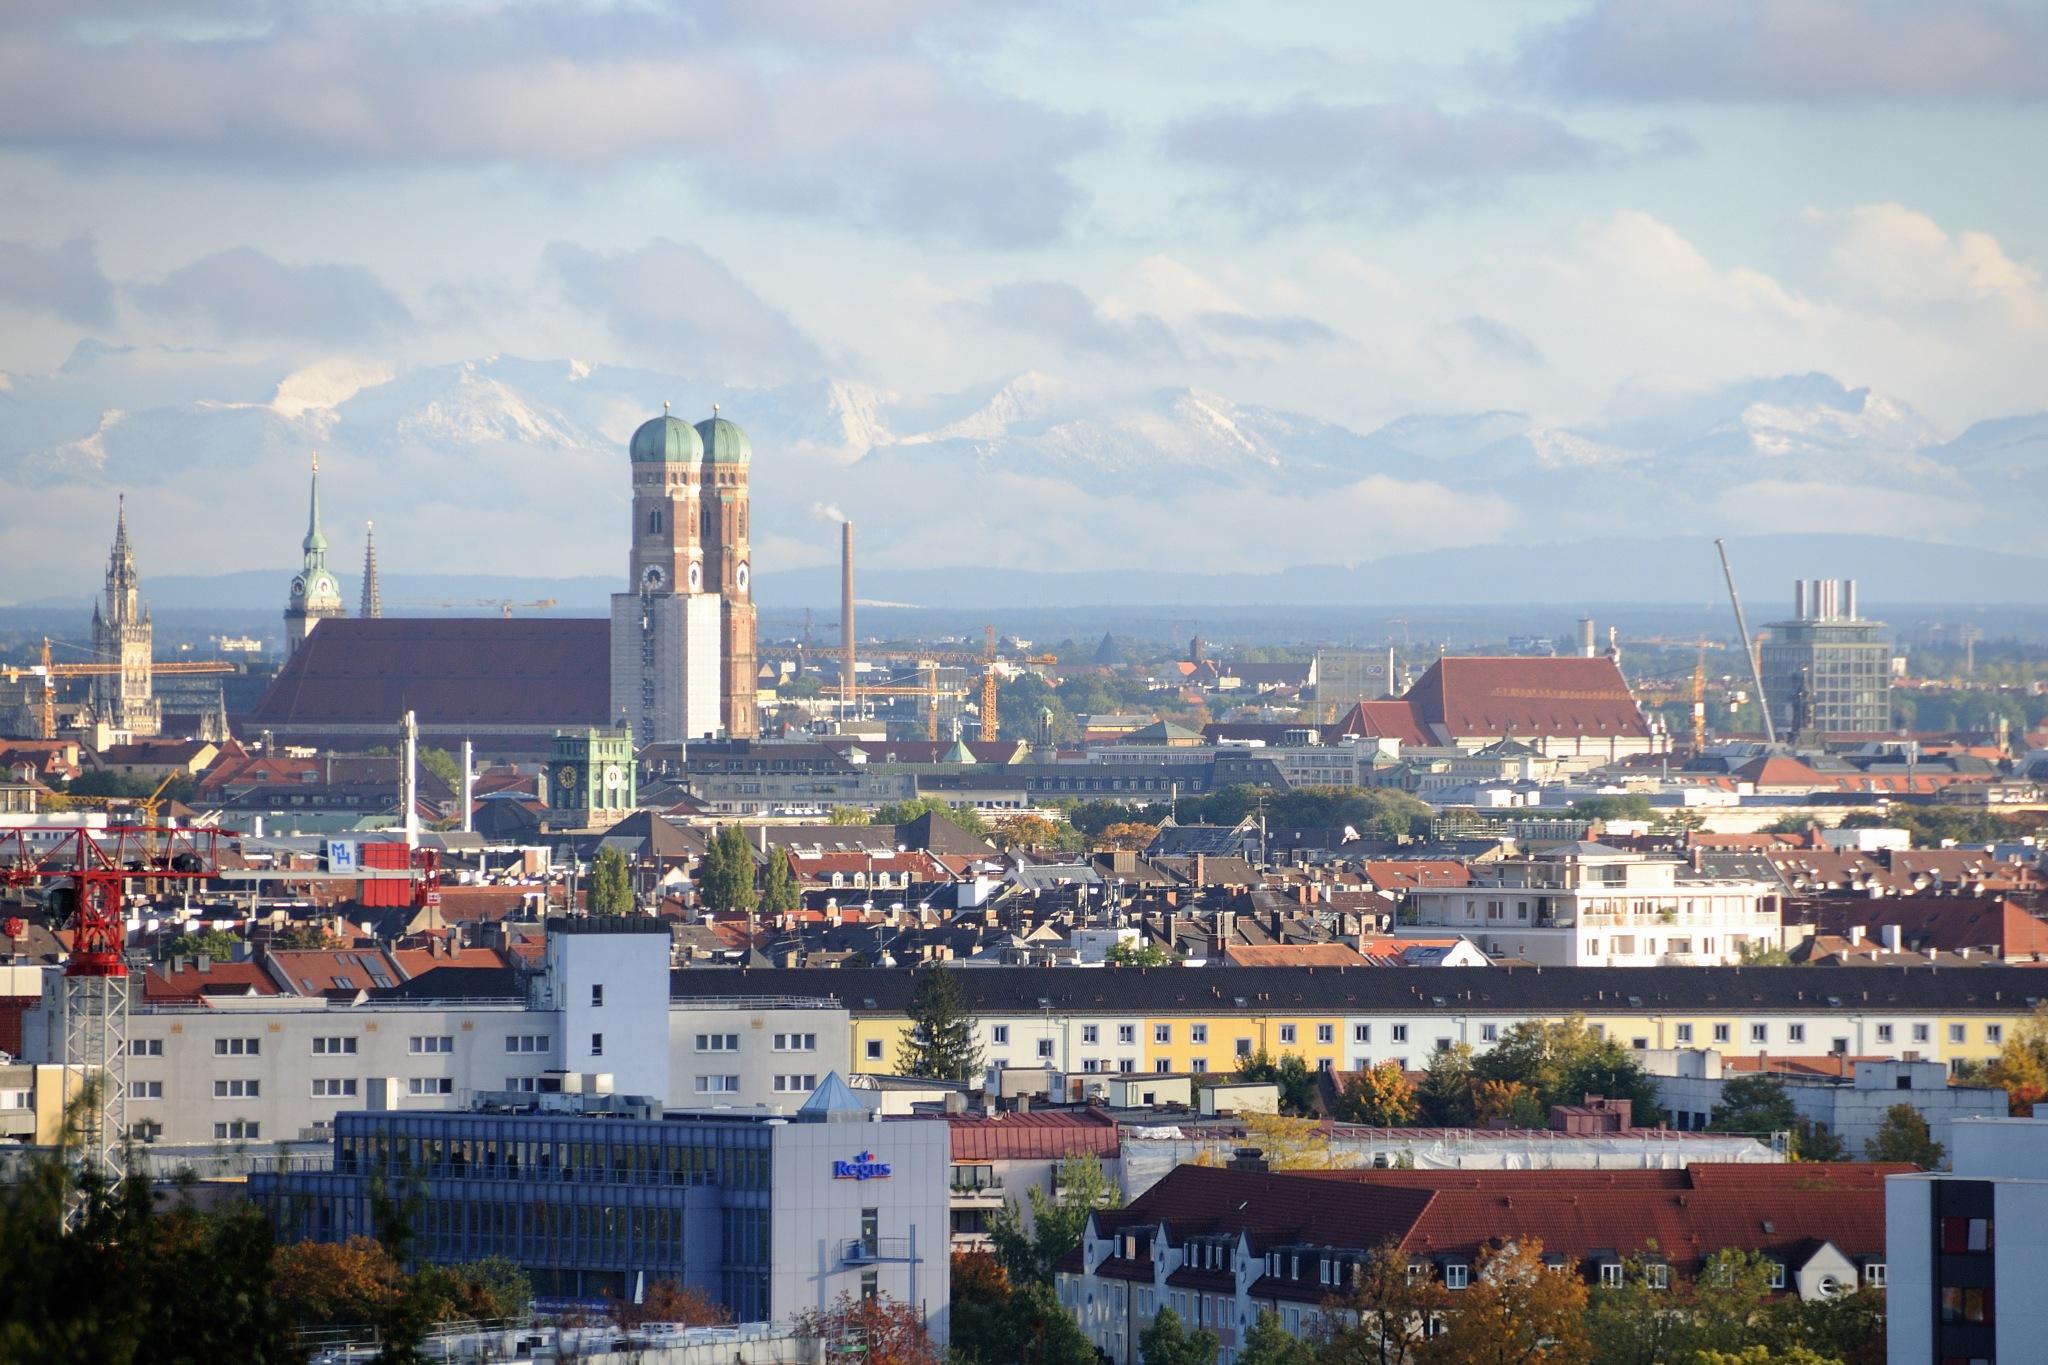 City of Munich by Zdenek Krchak